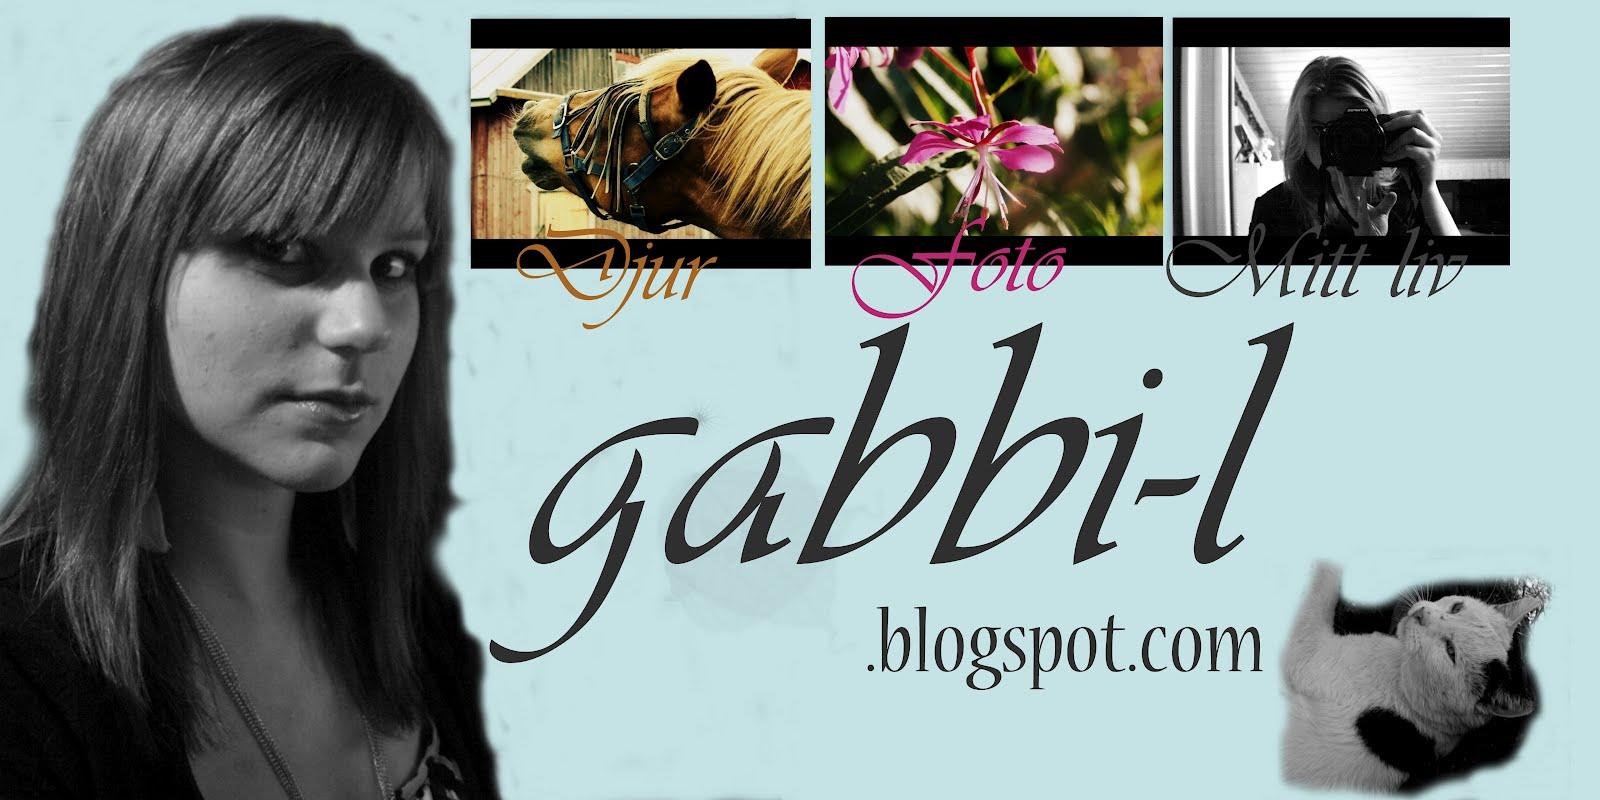 My life as Gabri